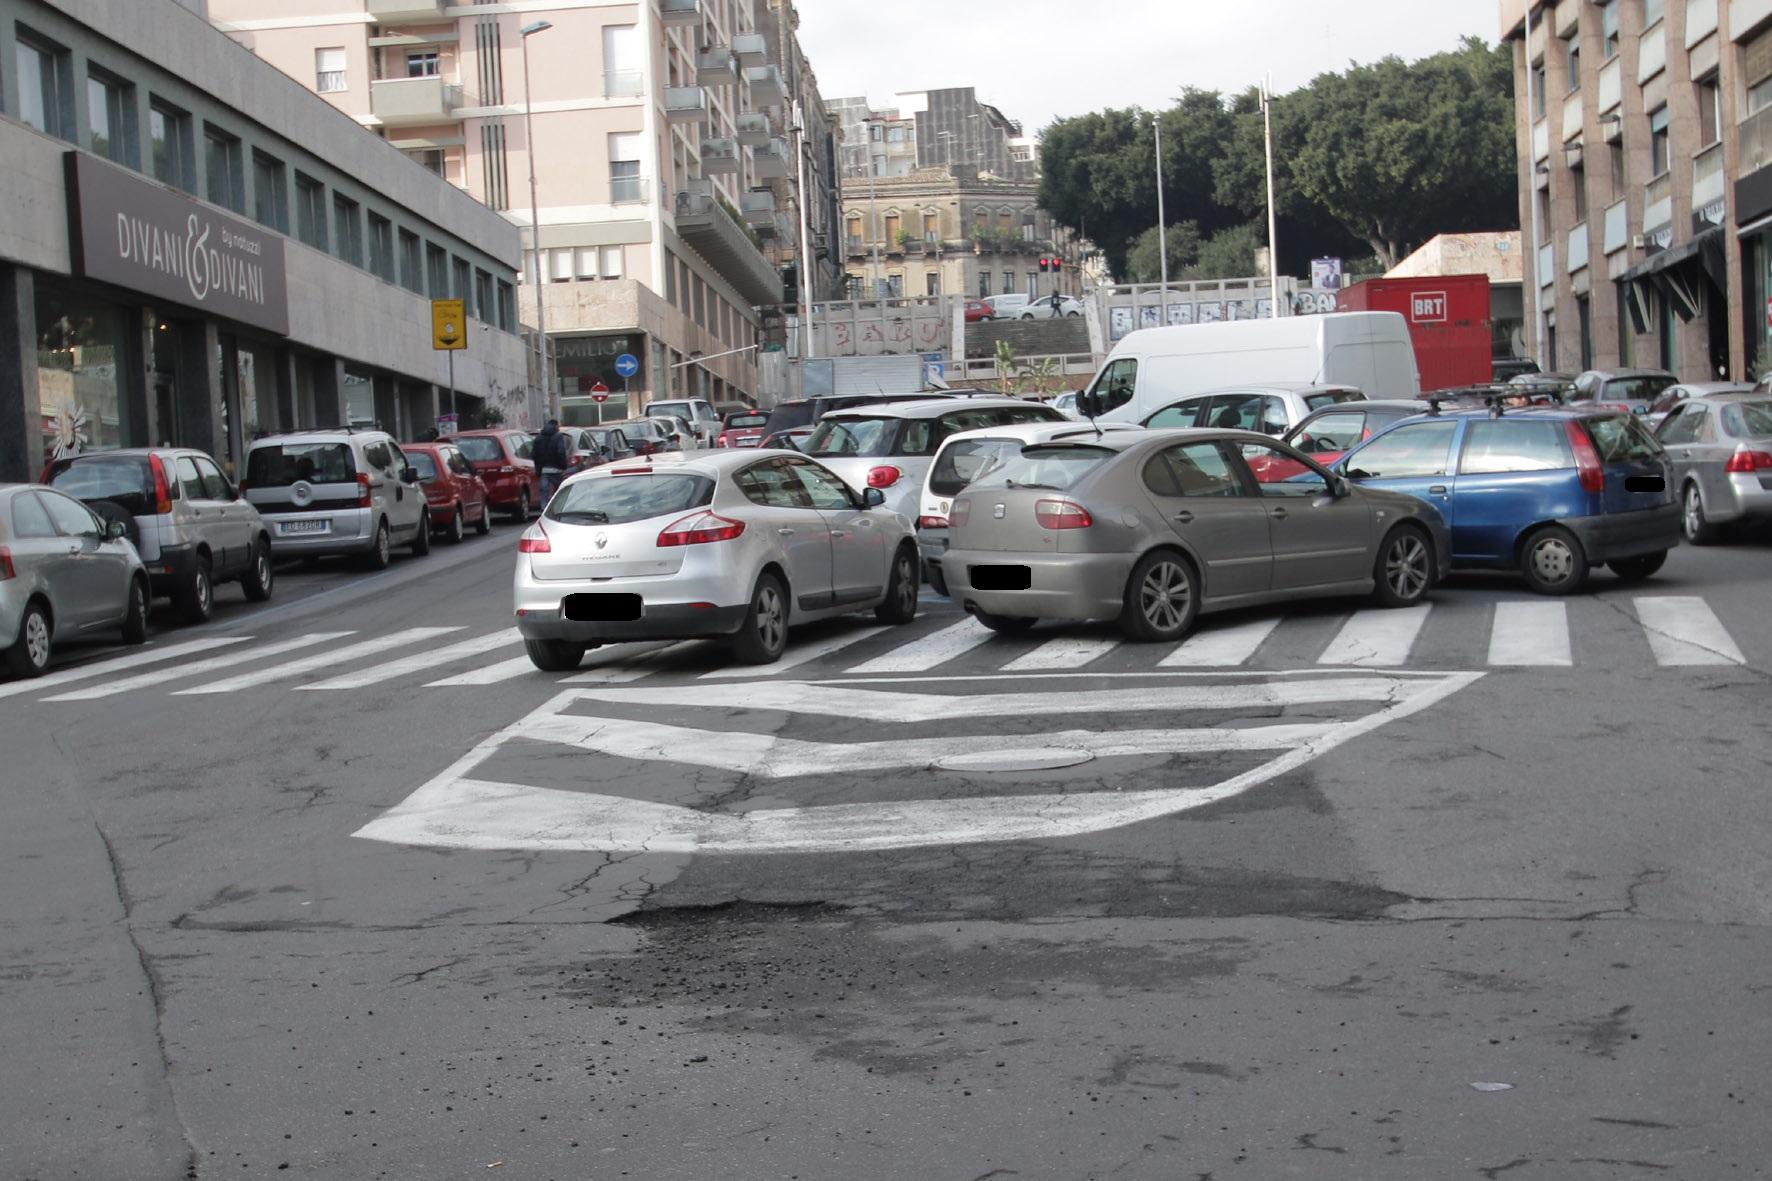 """Parcheggio selvaggio e degrado in via Sant'Euplio, Sofia: """"Bisogna attuare un piano di rilancio"""""""